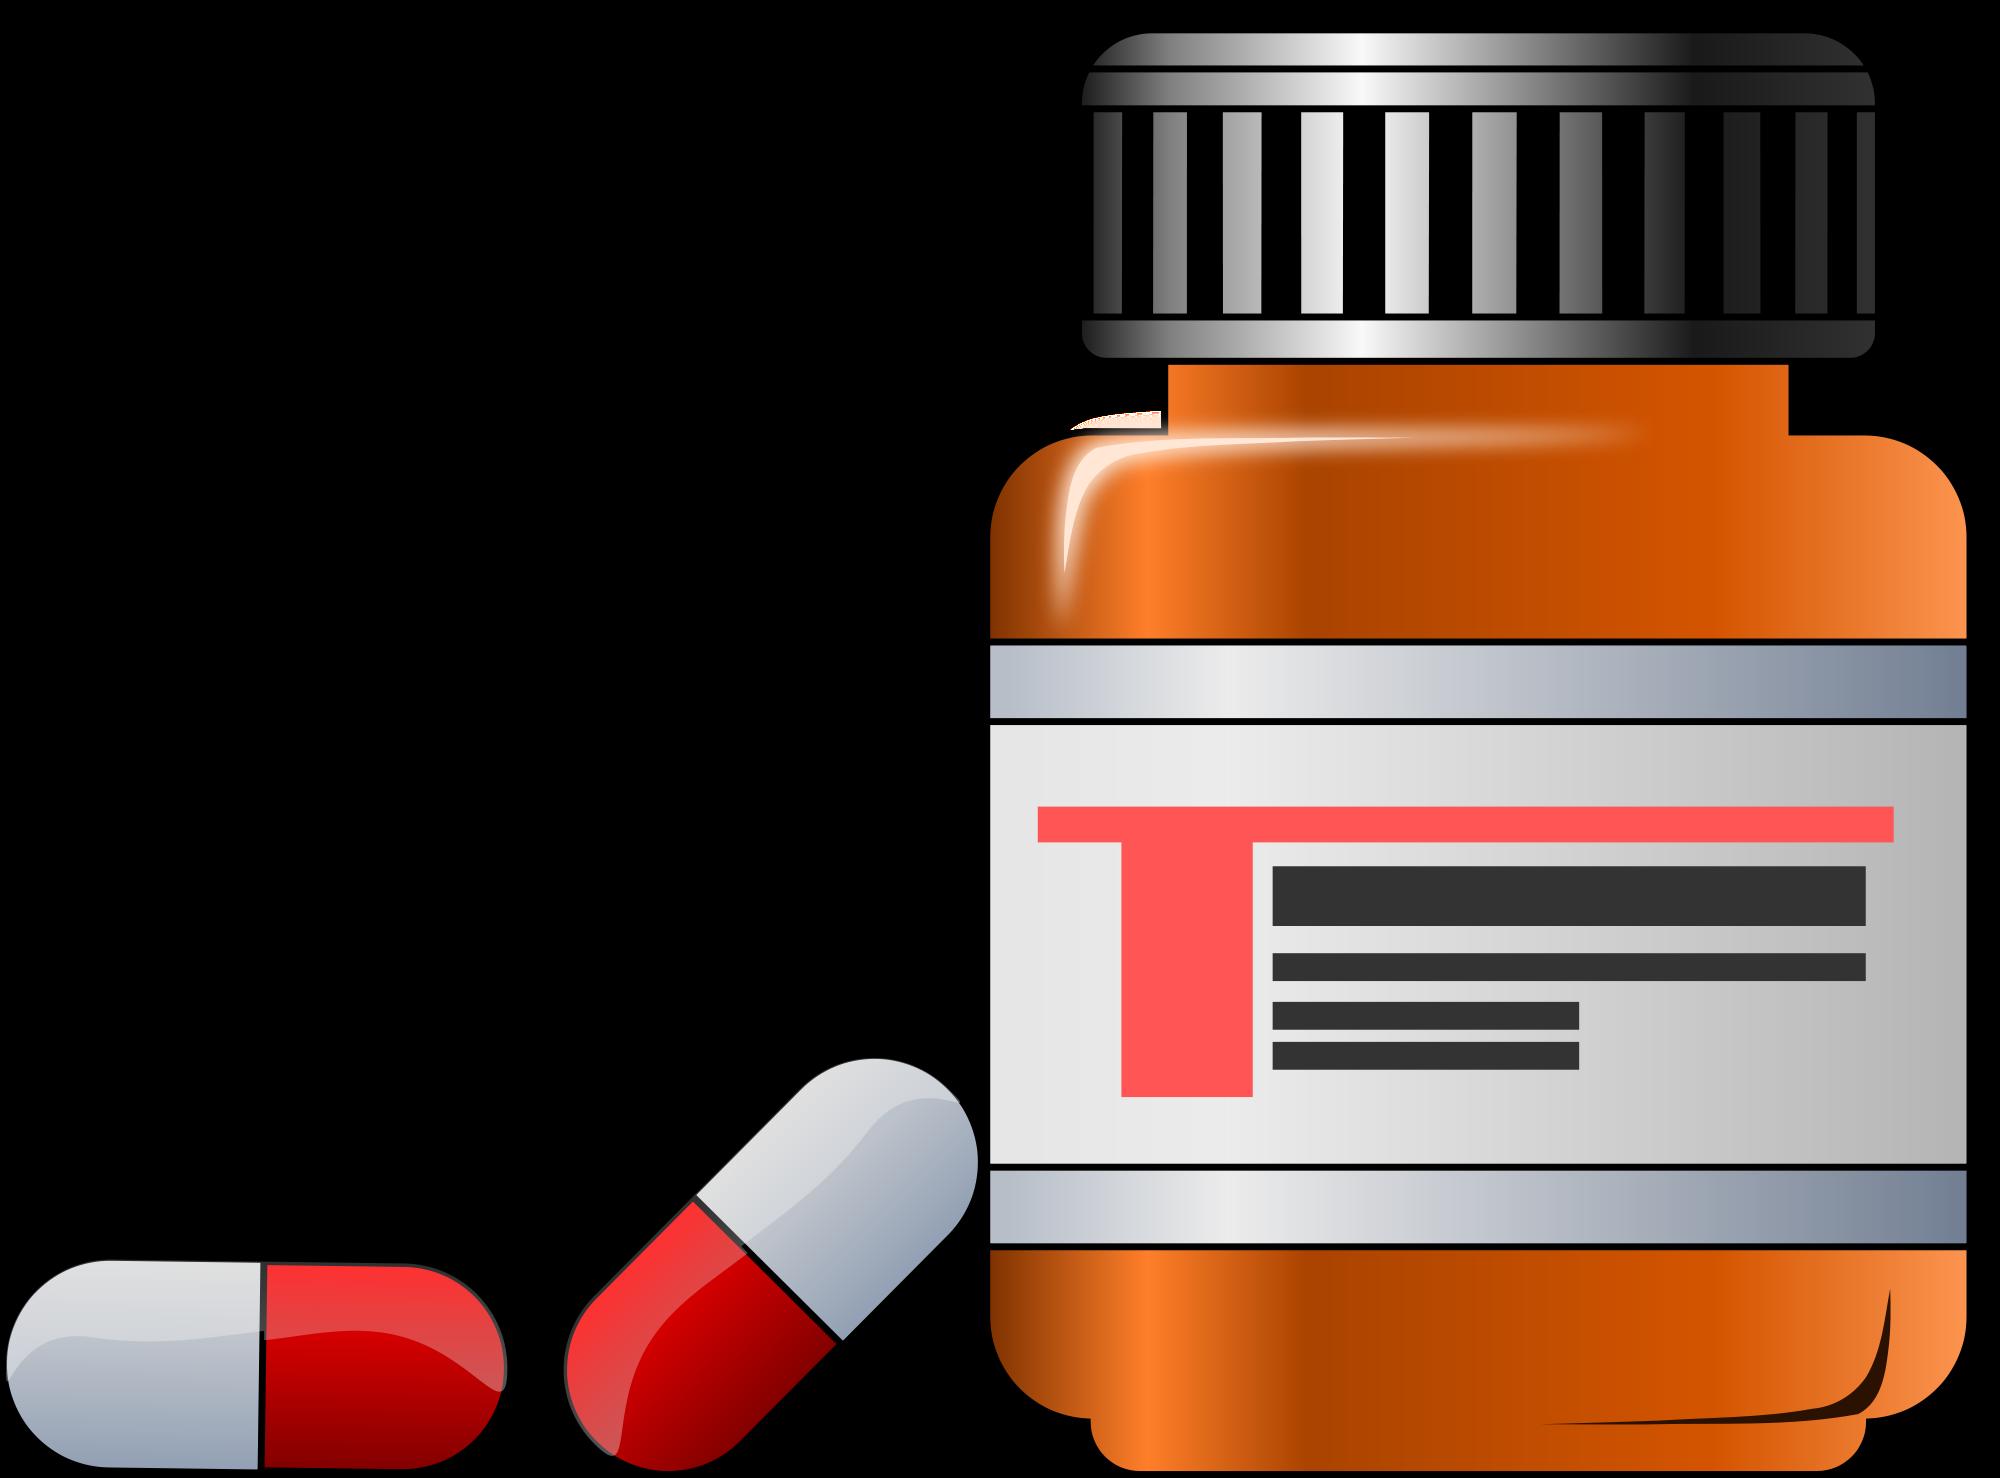 medication clipart drug use